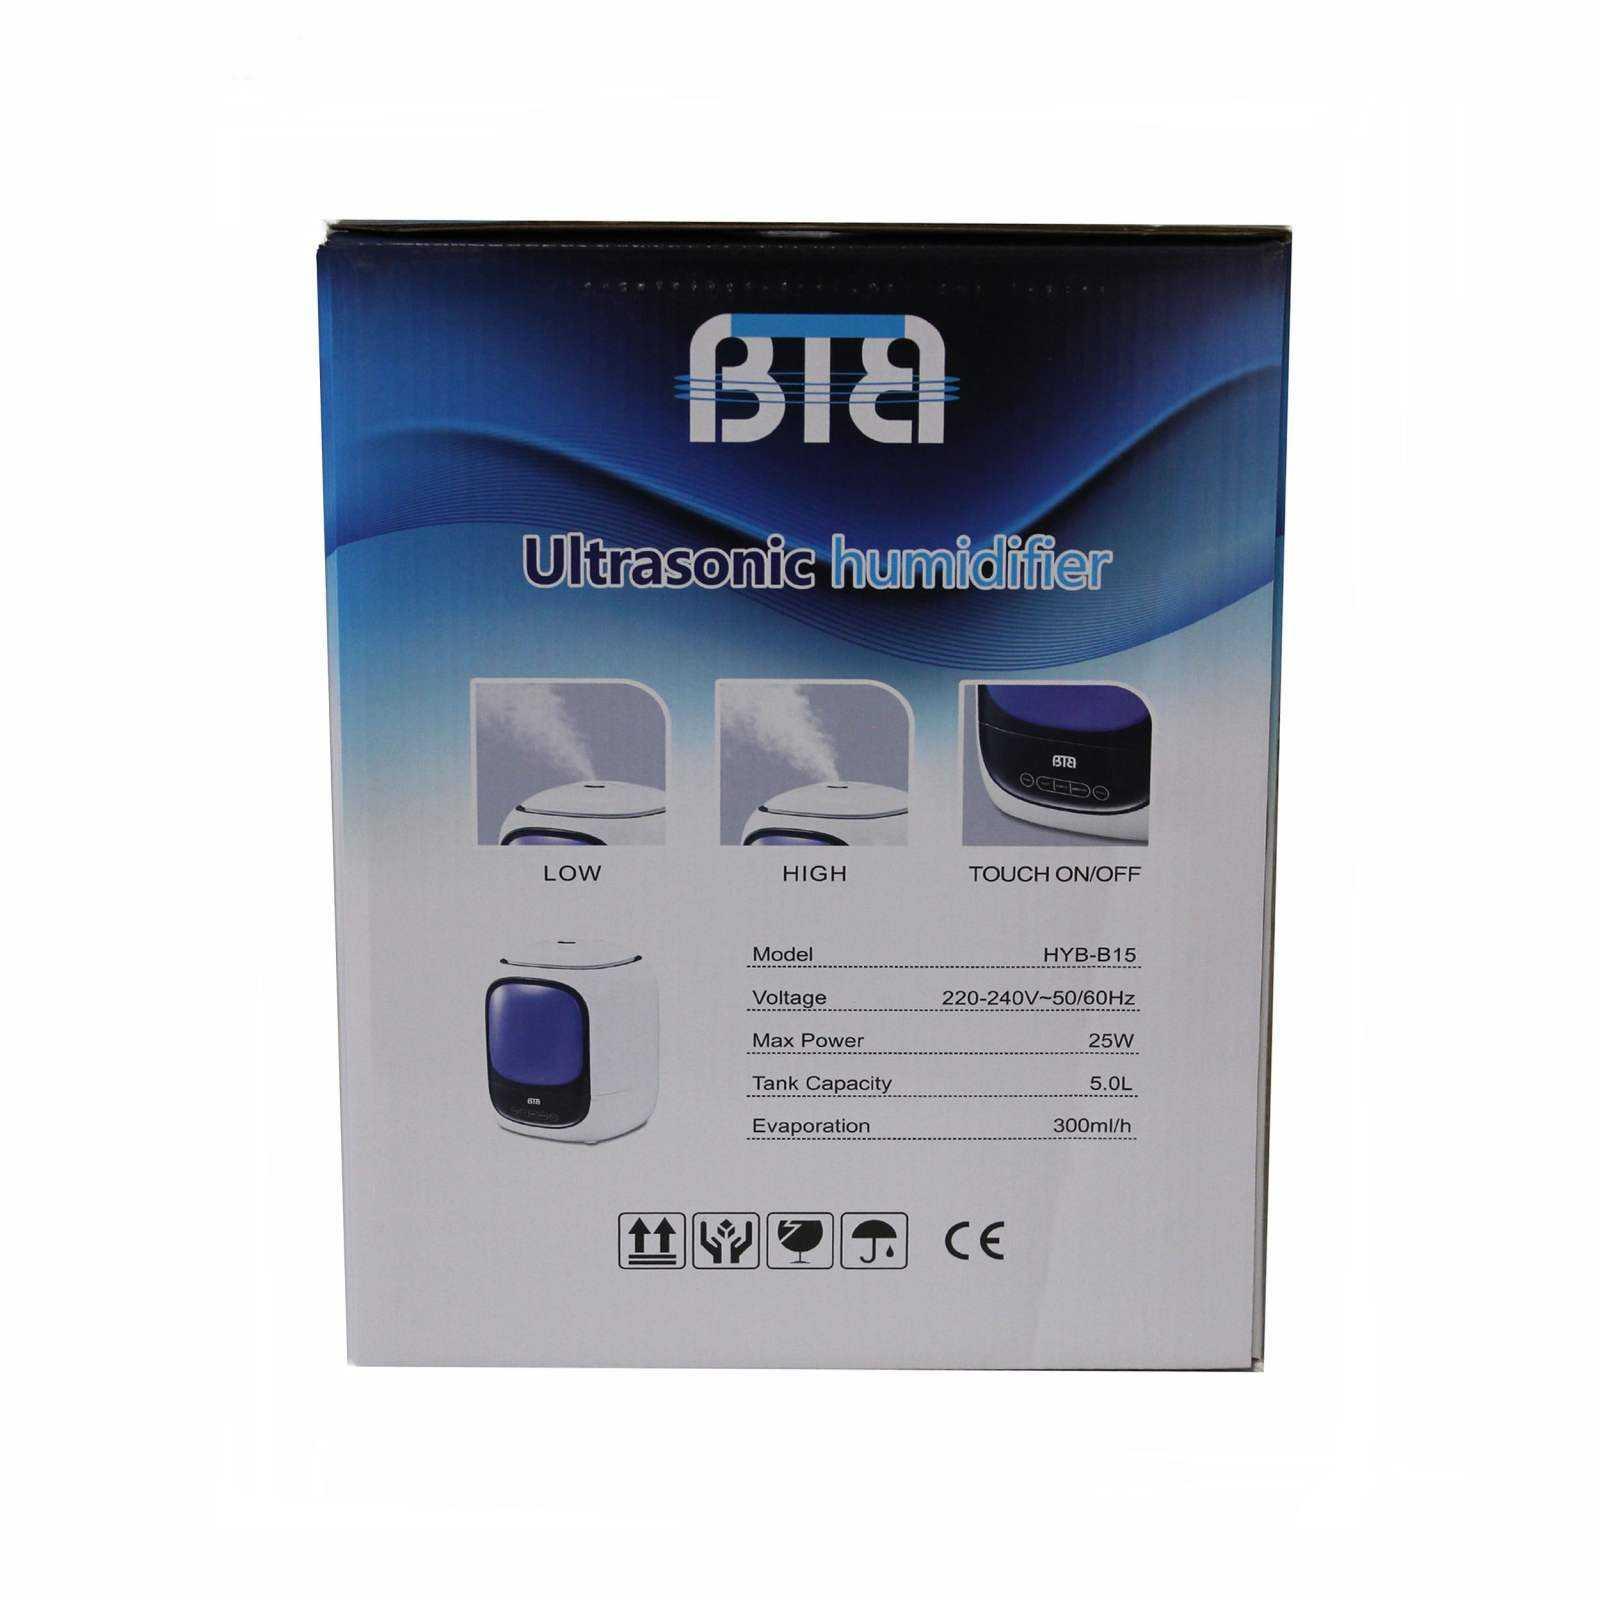 دستگاه بخور سرد بی تی بی مدل HYB-B15